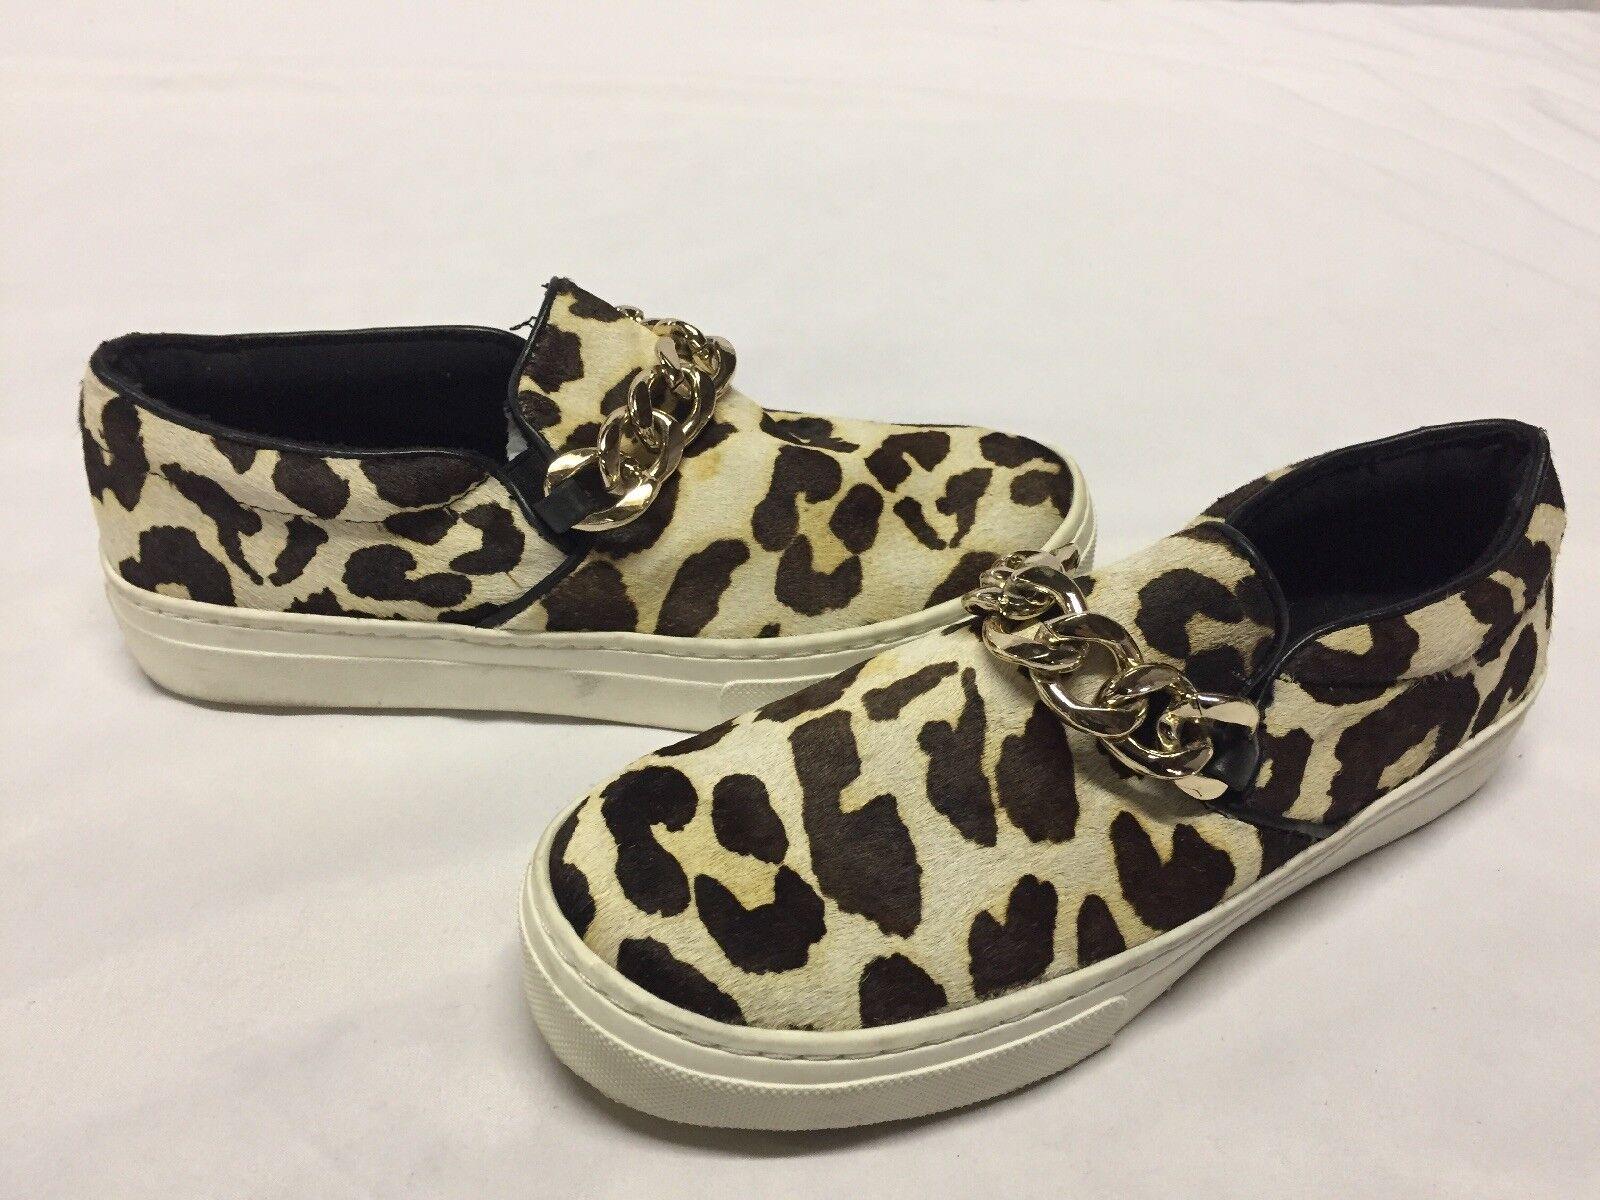 Aldo Mujer Mocasines Zapatos, Zapatos, Zapatos, Leopardo, Talla 7 EUR 37.5 UK 4.5. plana 4  marca en liquidación de venta